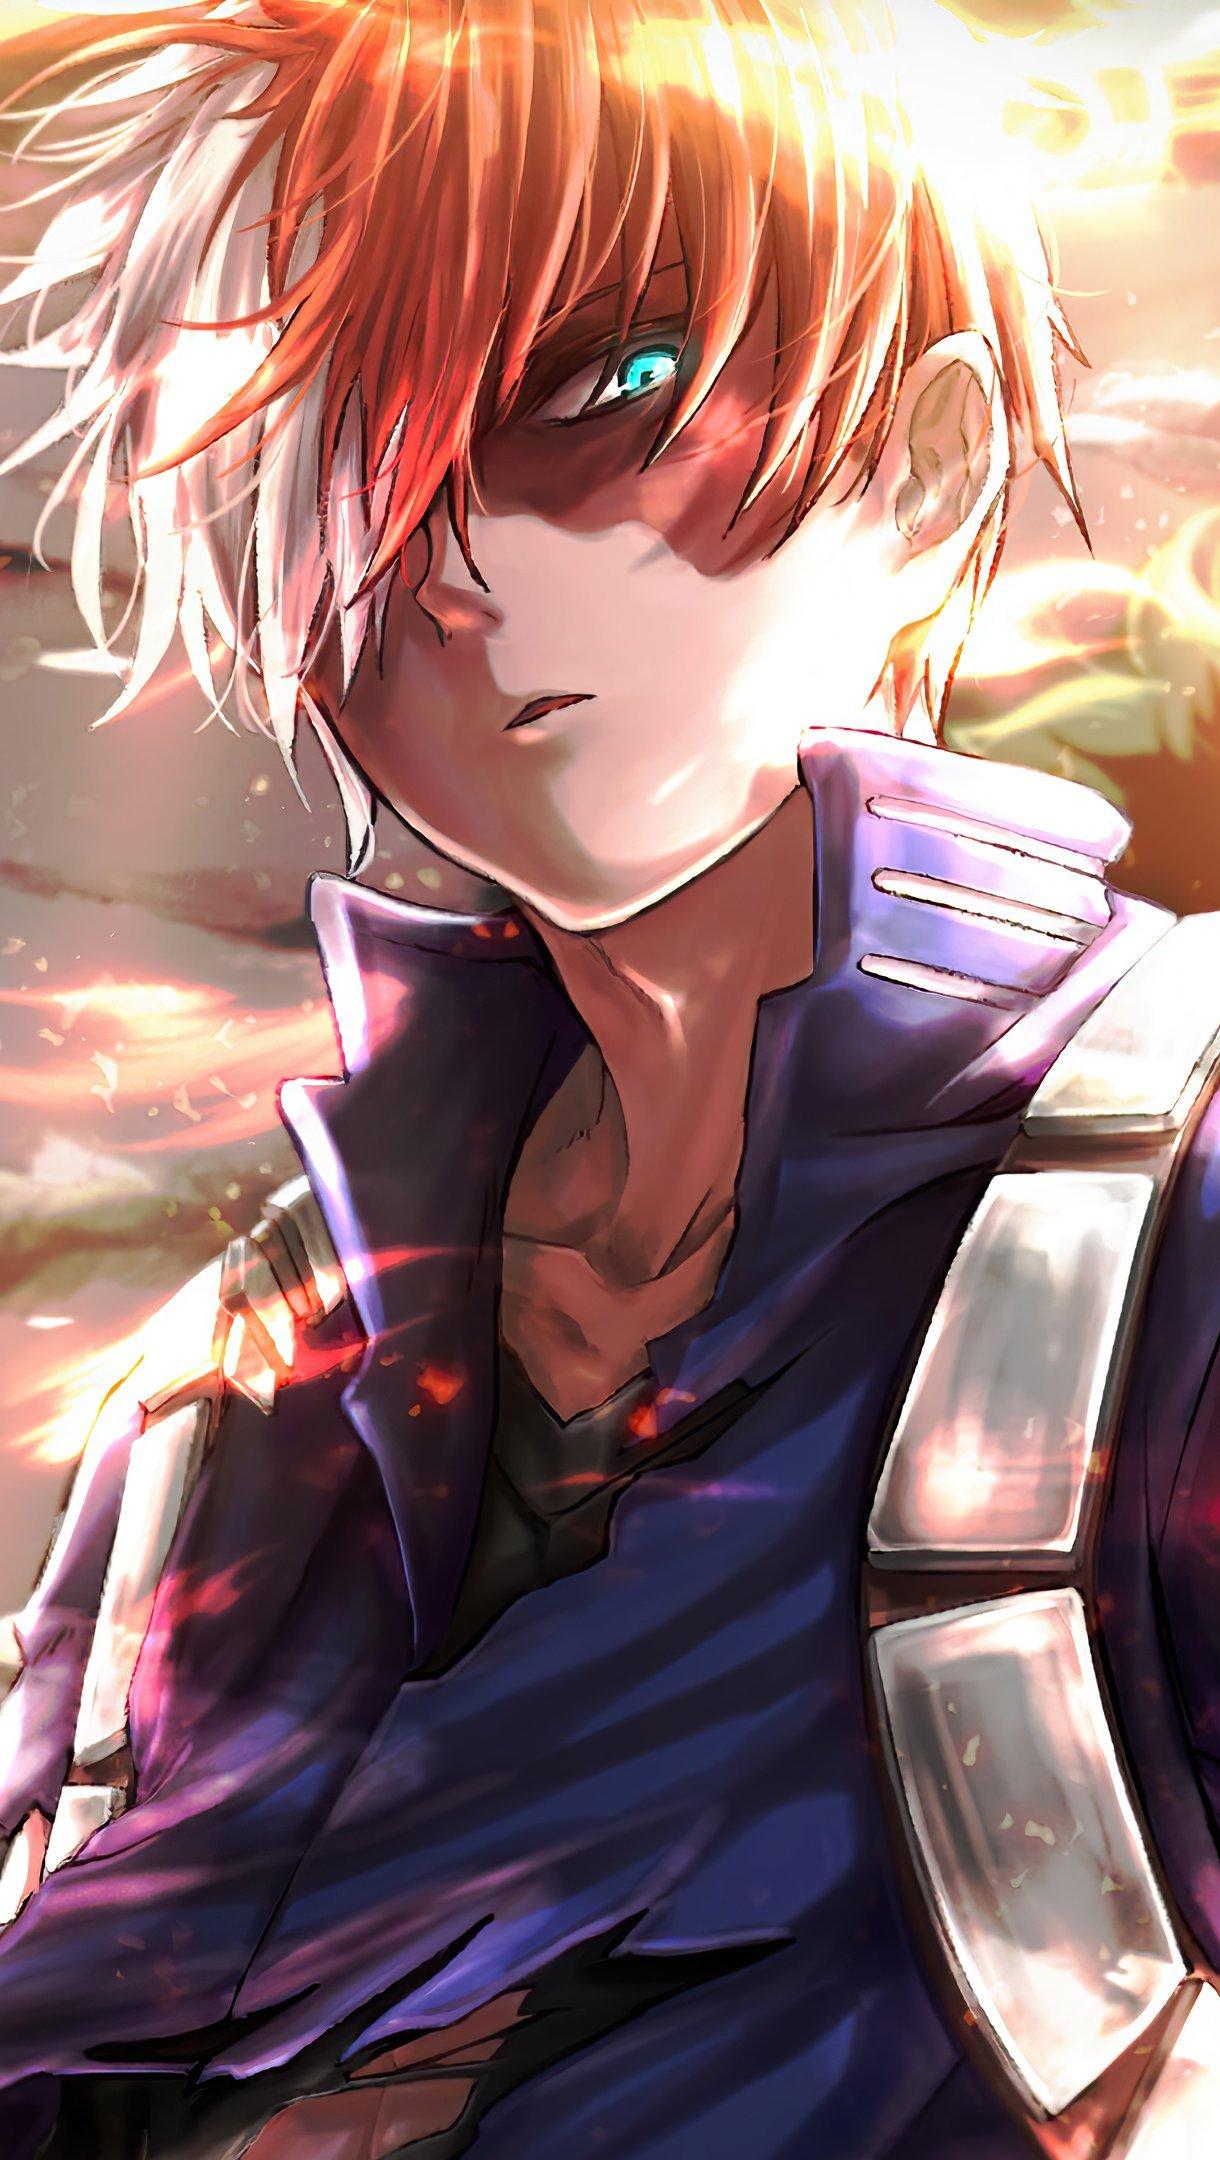 Fondos de pantalla Anime Shoto Todoroki de My Hero Academia Vertical